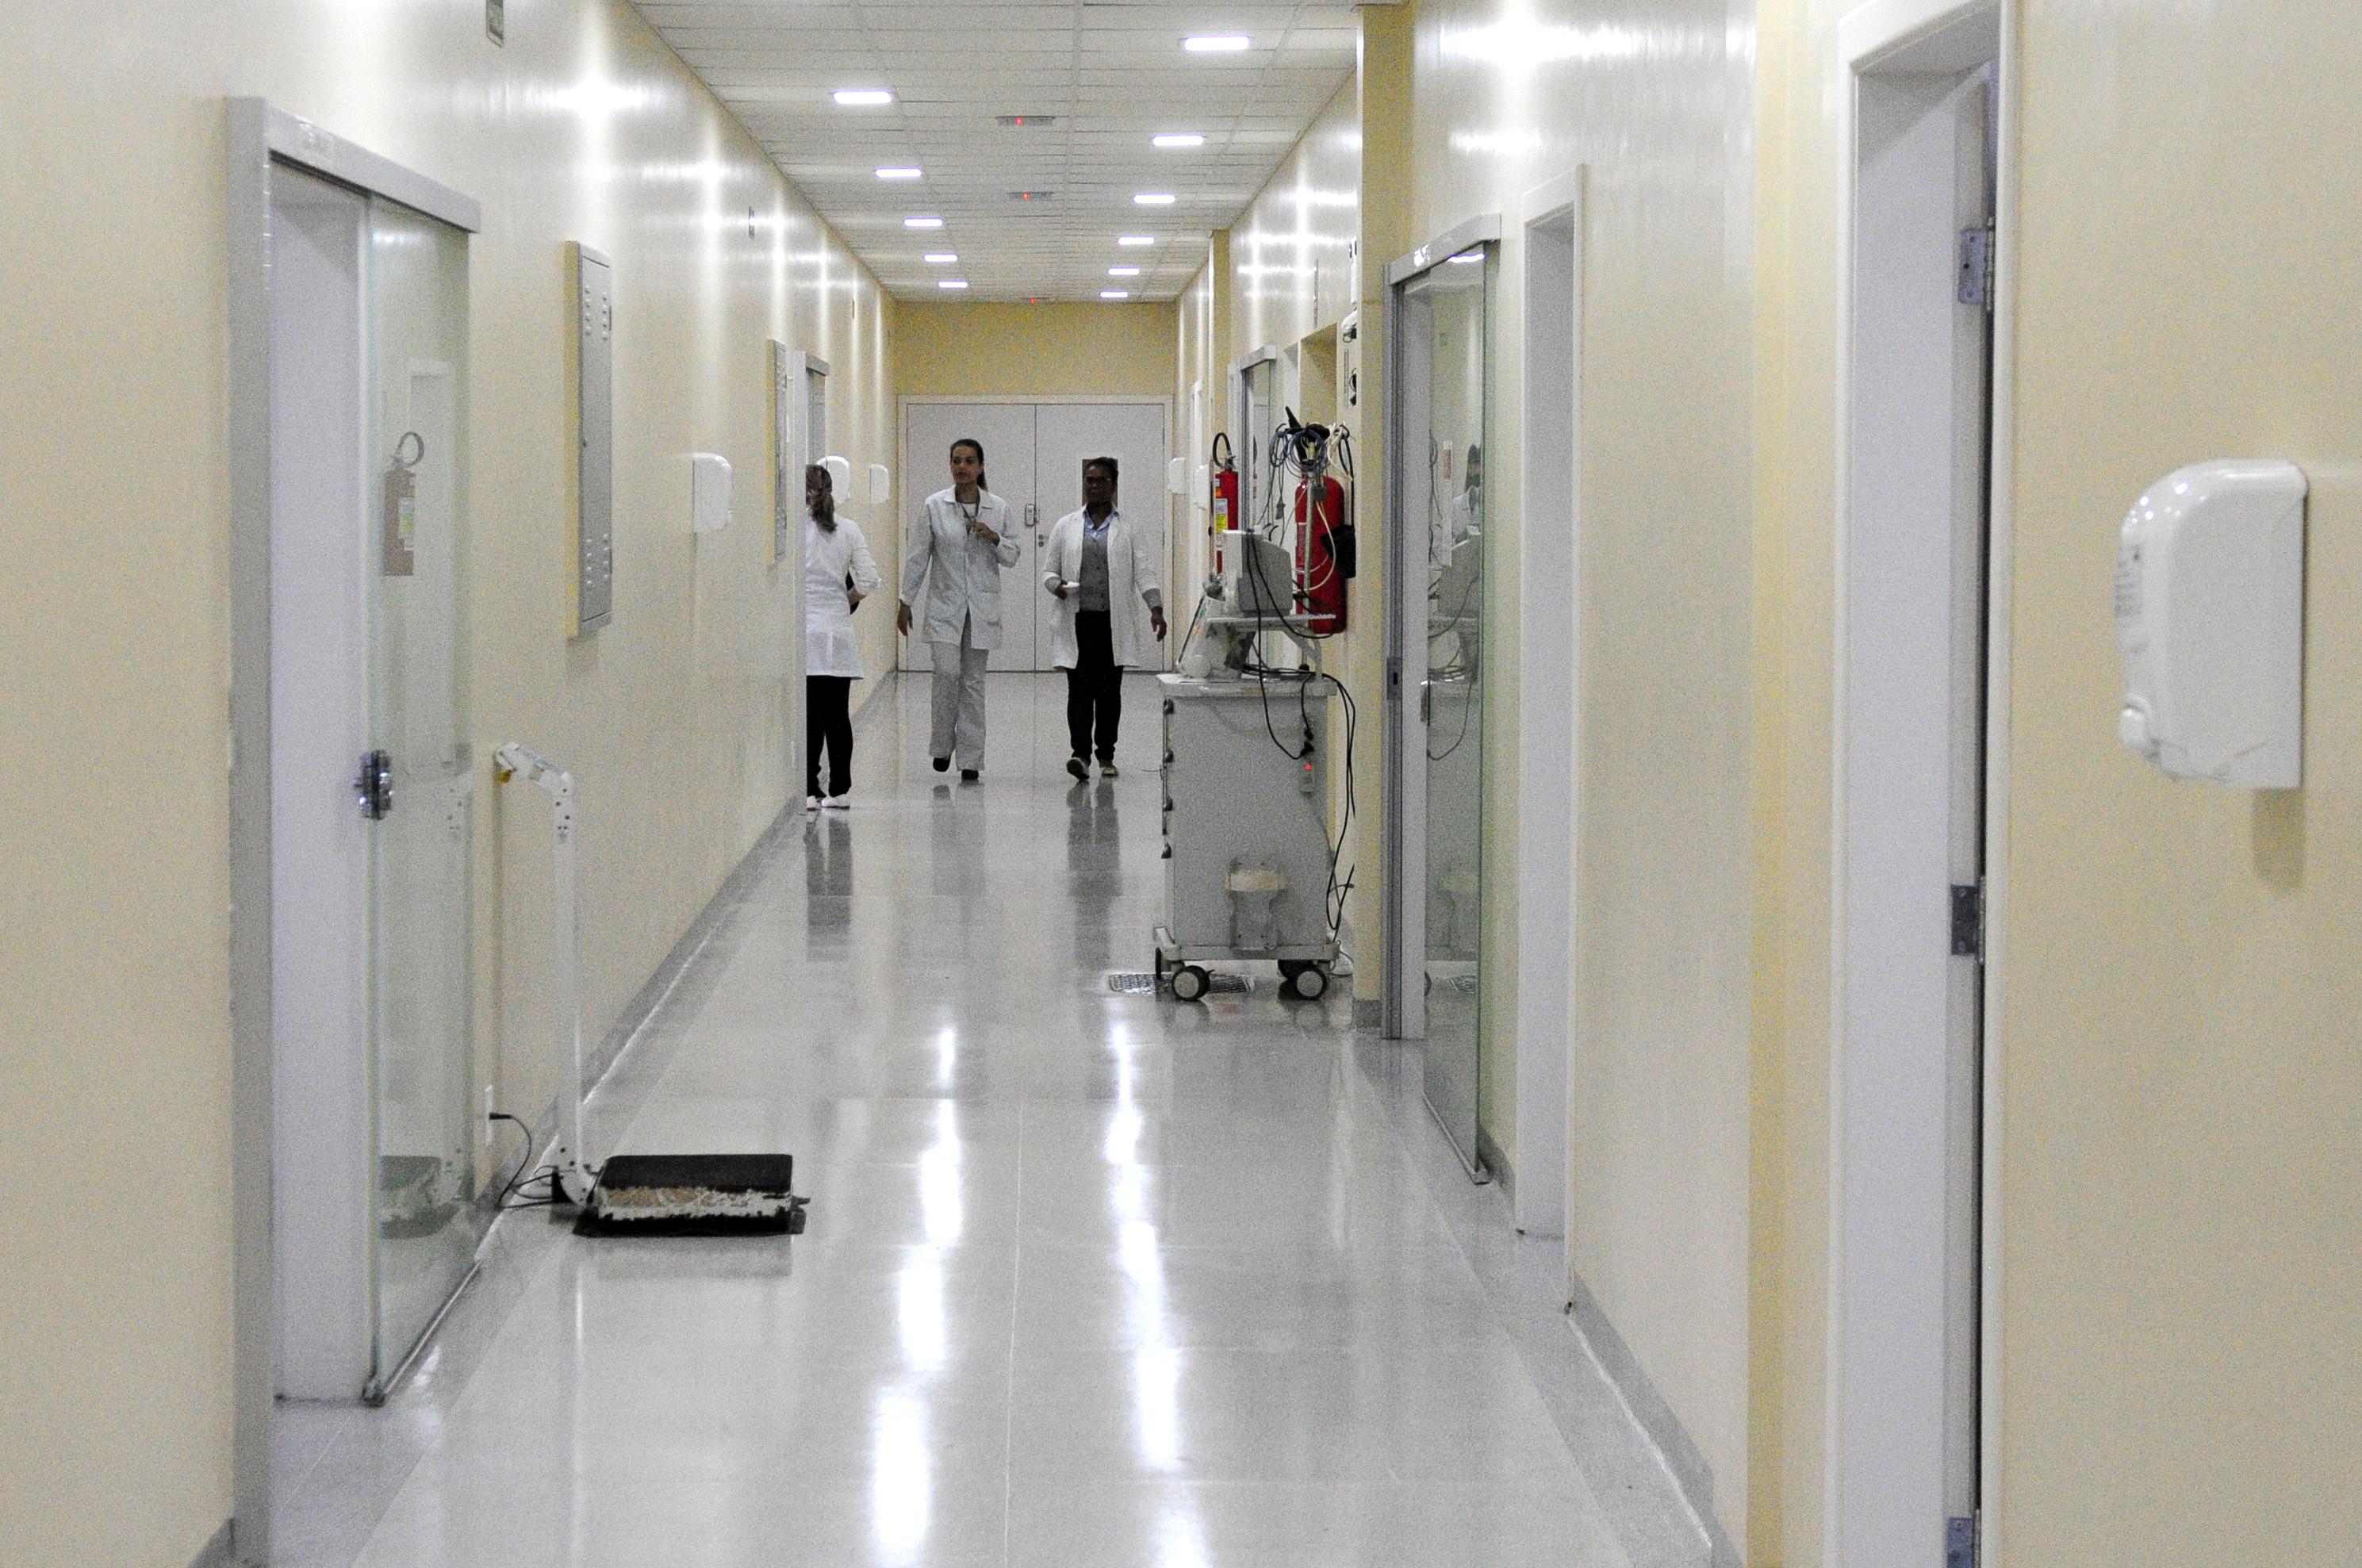 Reformada a Unidade de Hemodiálise e Pediatria do Hospital Regional de Sobradinho e reinaugurada em 17/04/2018, com realização de adequação física e estrutural.